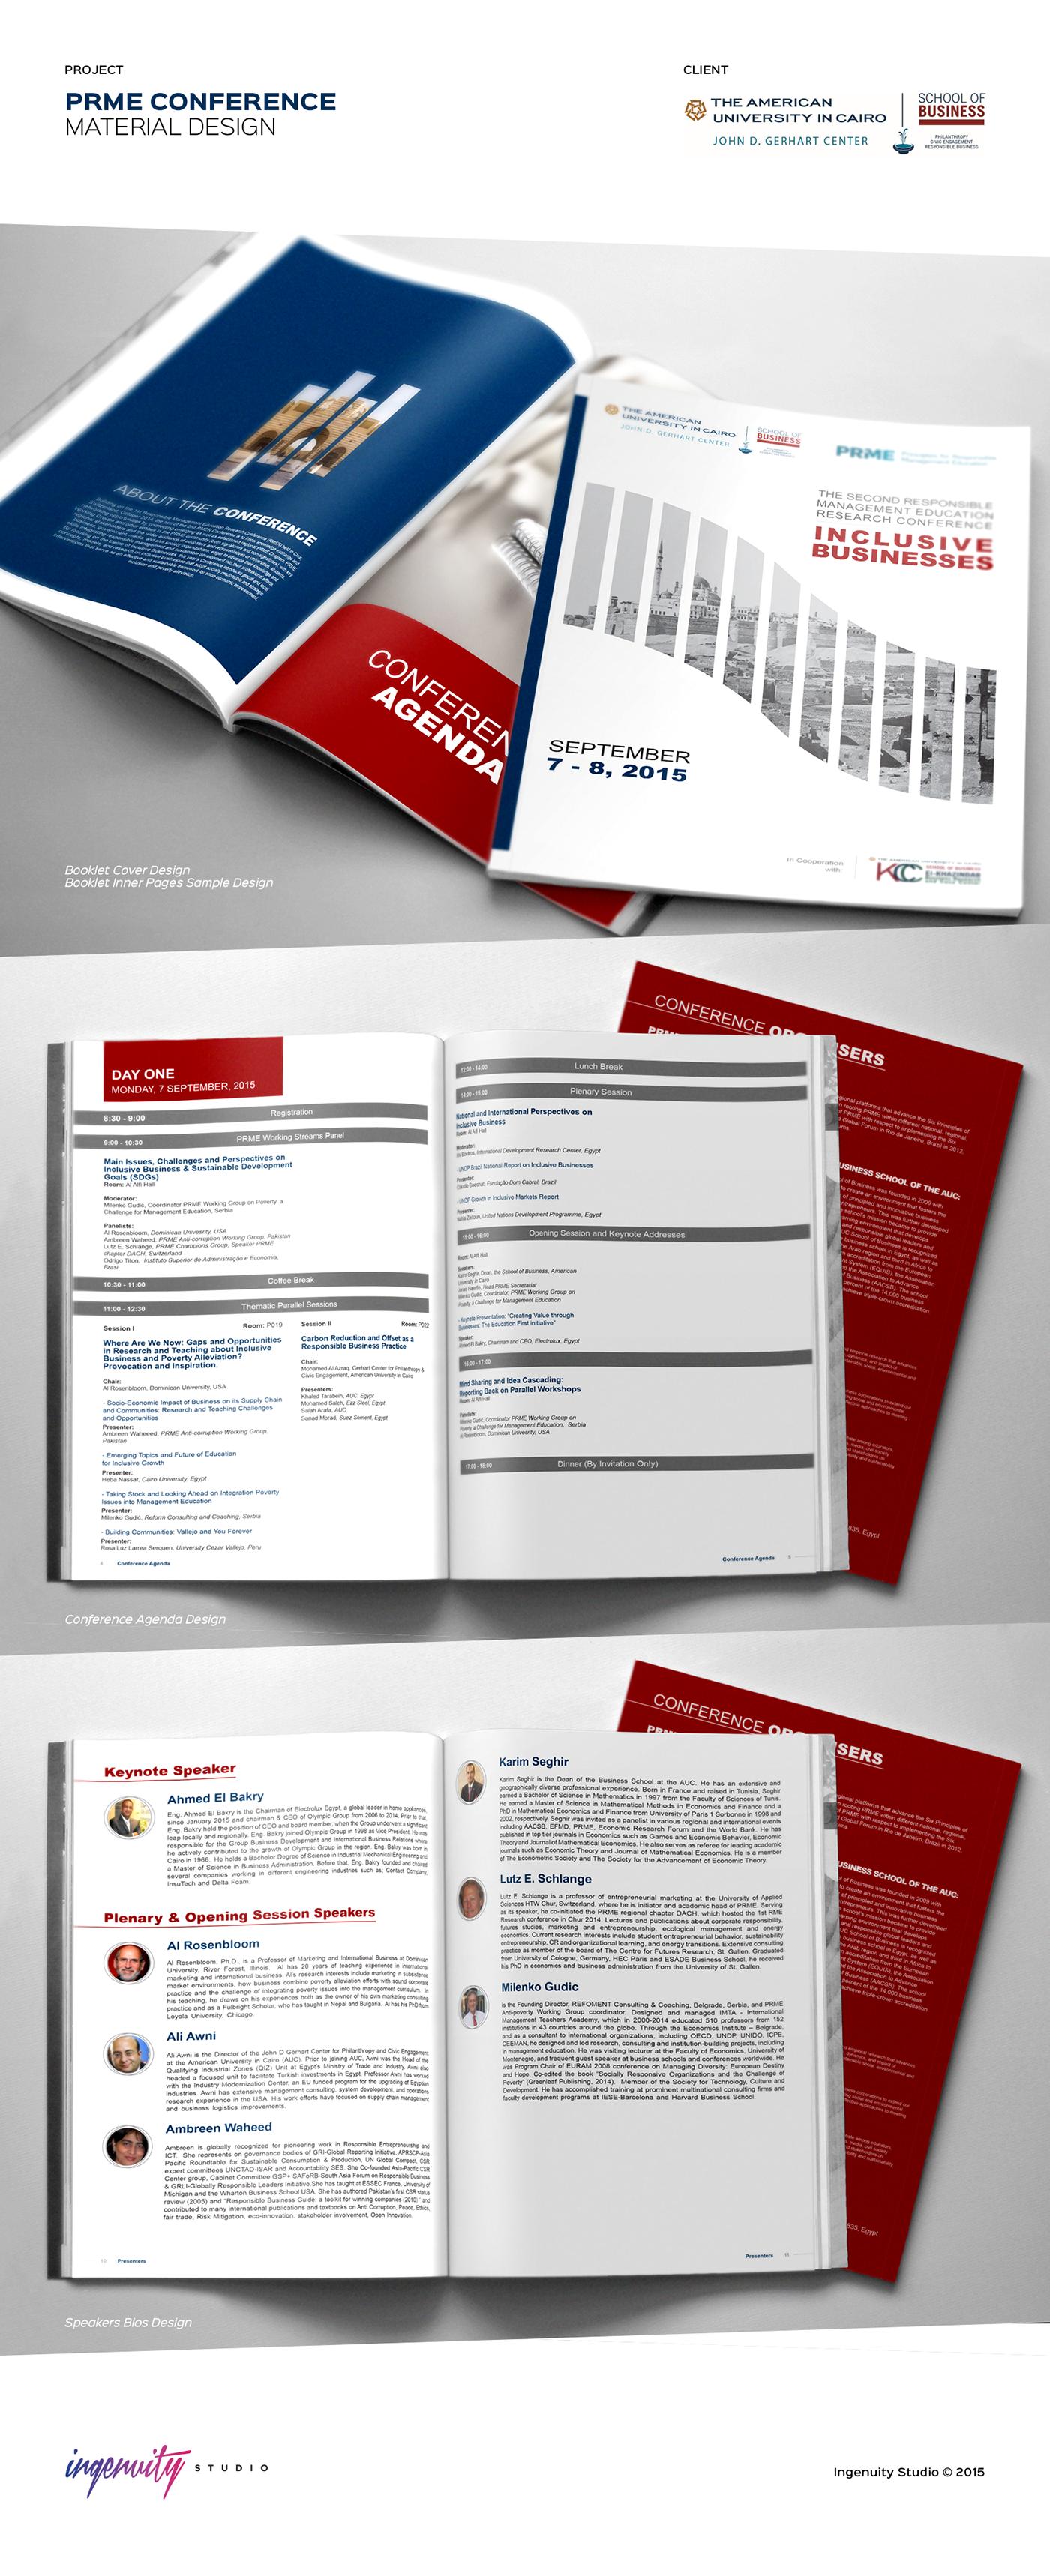 prme conference booklet design on behance